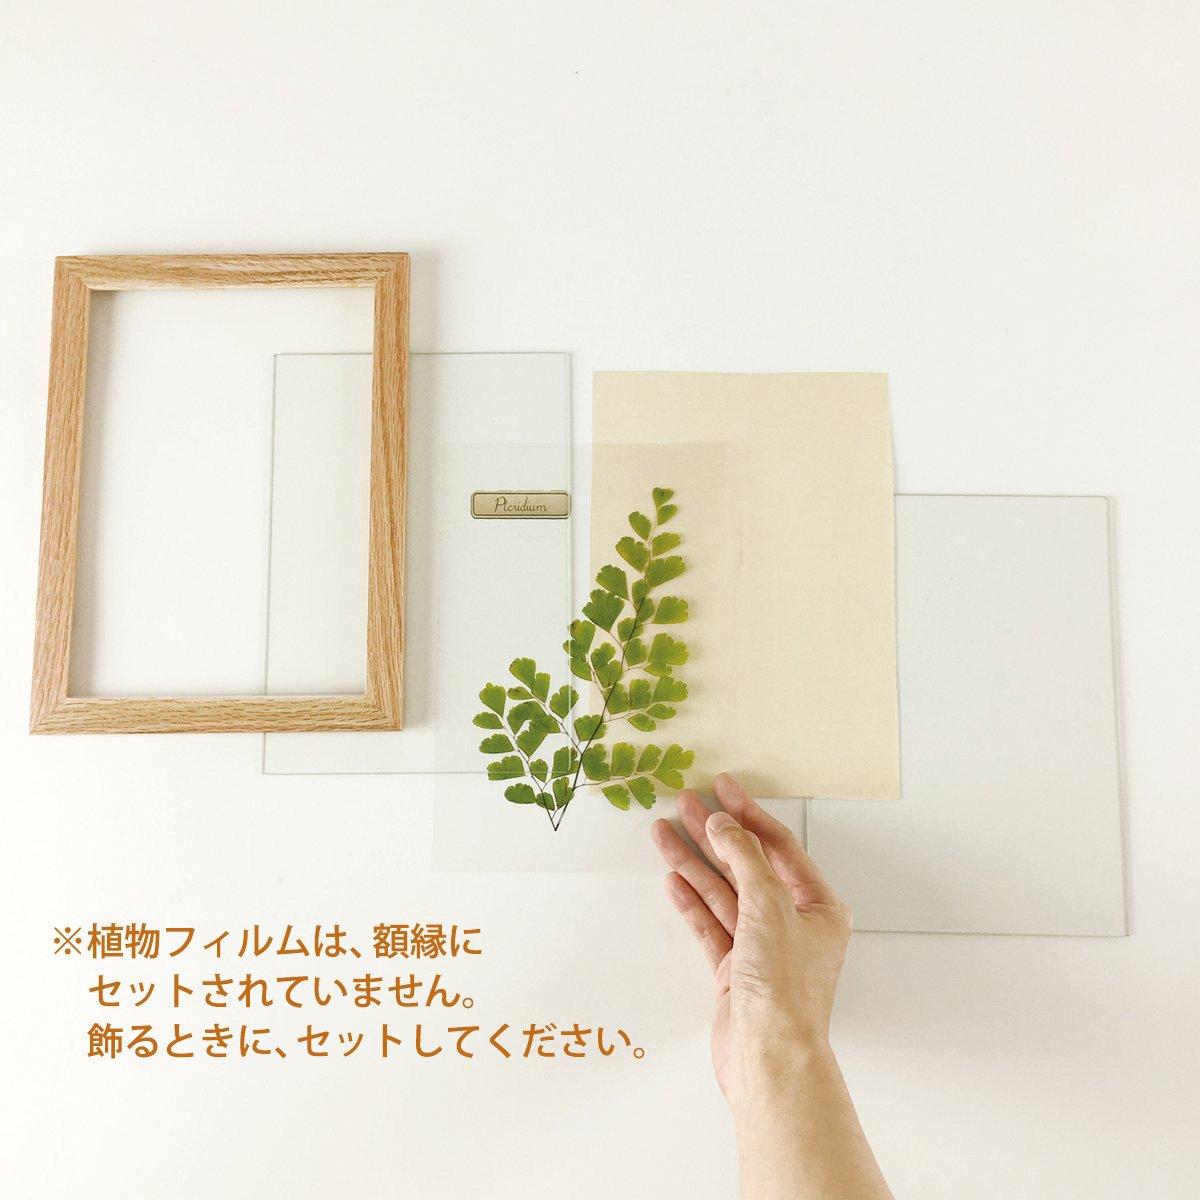 【アートフレーム】ハーバリウムフレーム ハコネシダ/ナチュラル(壁掛け)